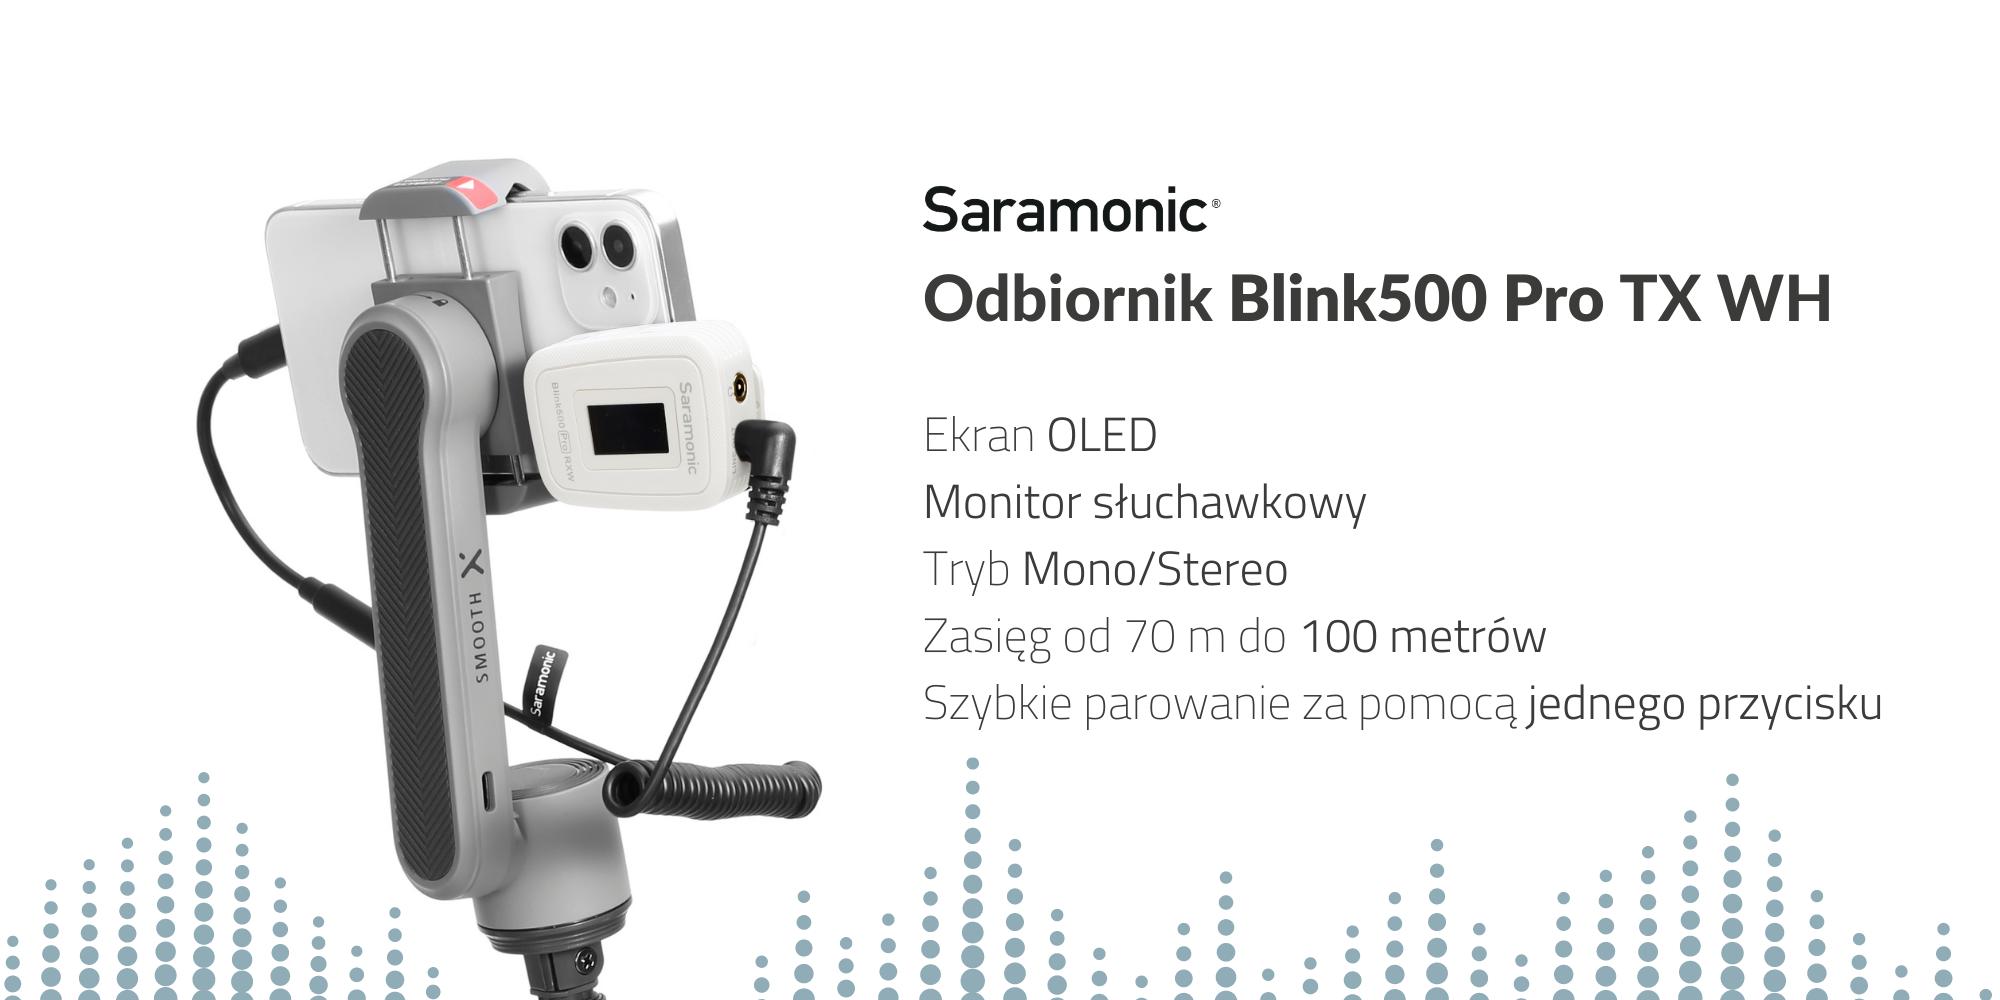 Dwukanałowy odbiornik Saramonic Blink500 Pro RXWH